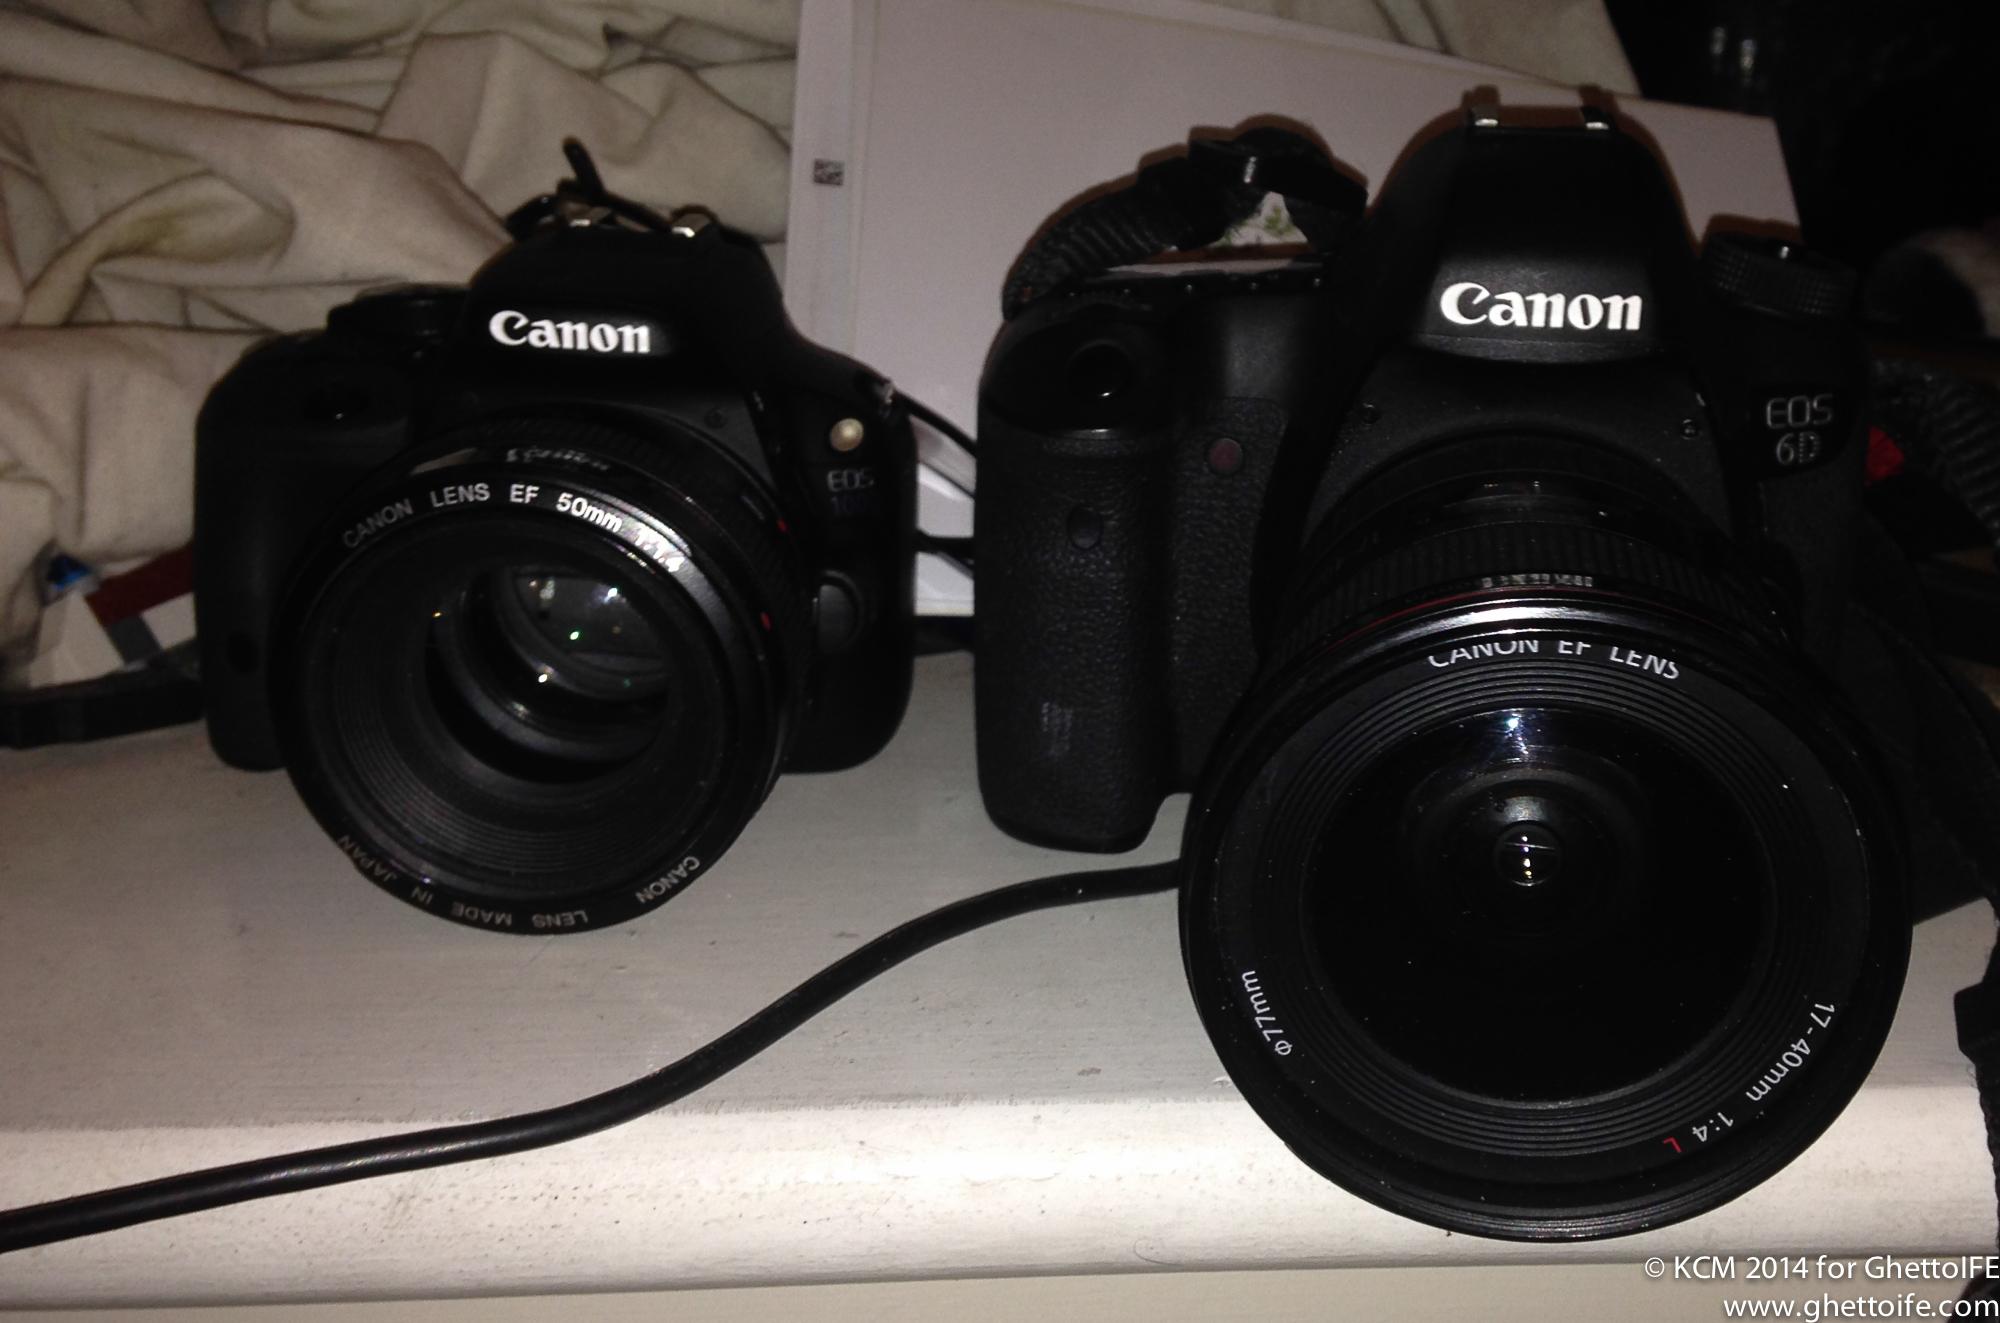 Alluring Canon Travel Sized Economy Class Beyond Canon Rebel Sl1 Or T5i Canon Sl1 Vs T5i Espaol dpreview Canon Sl1 Vs T5i